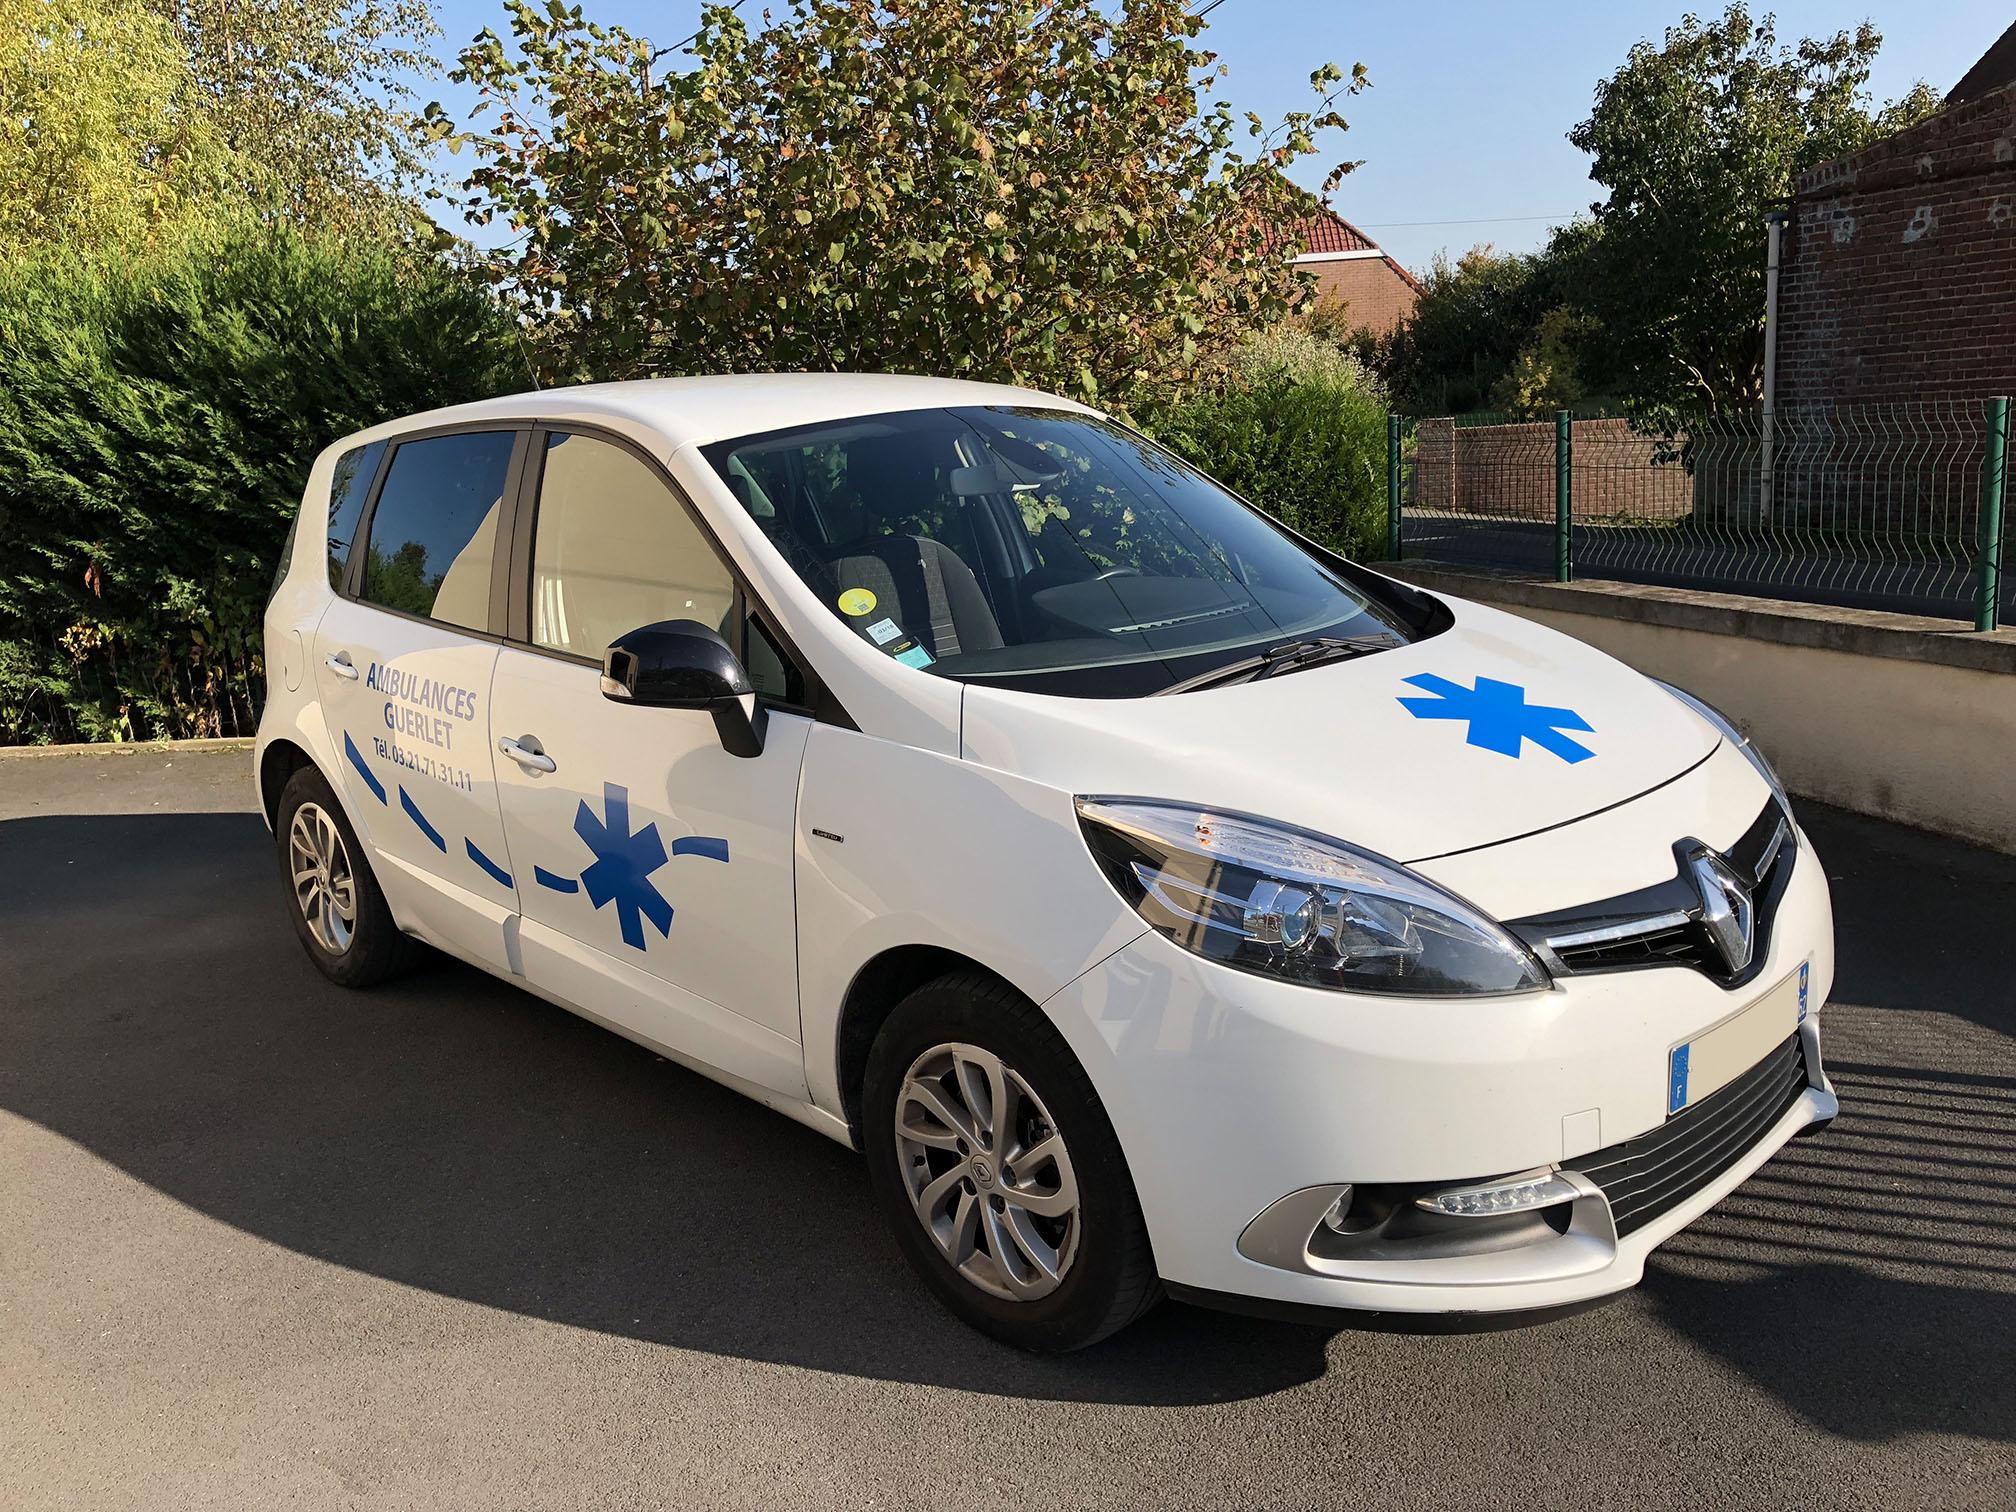 Véhicule sanitaire léger (VSL) de marque Renault des ambulances guerlet